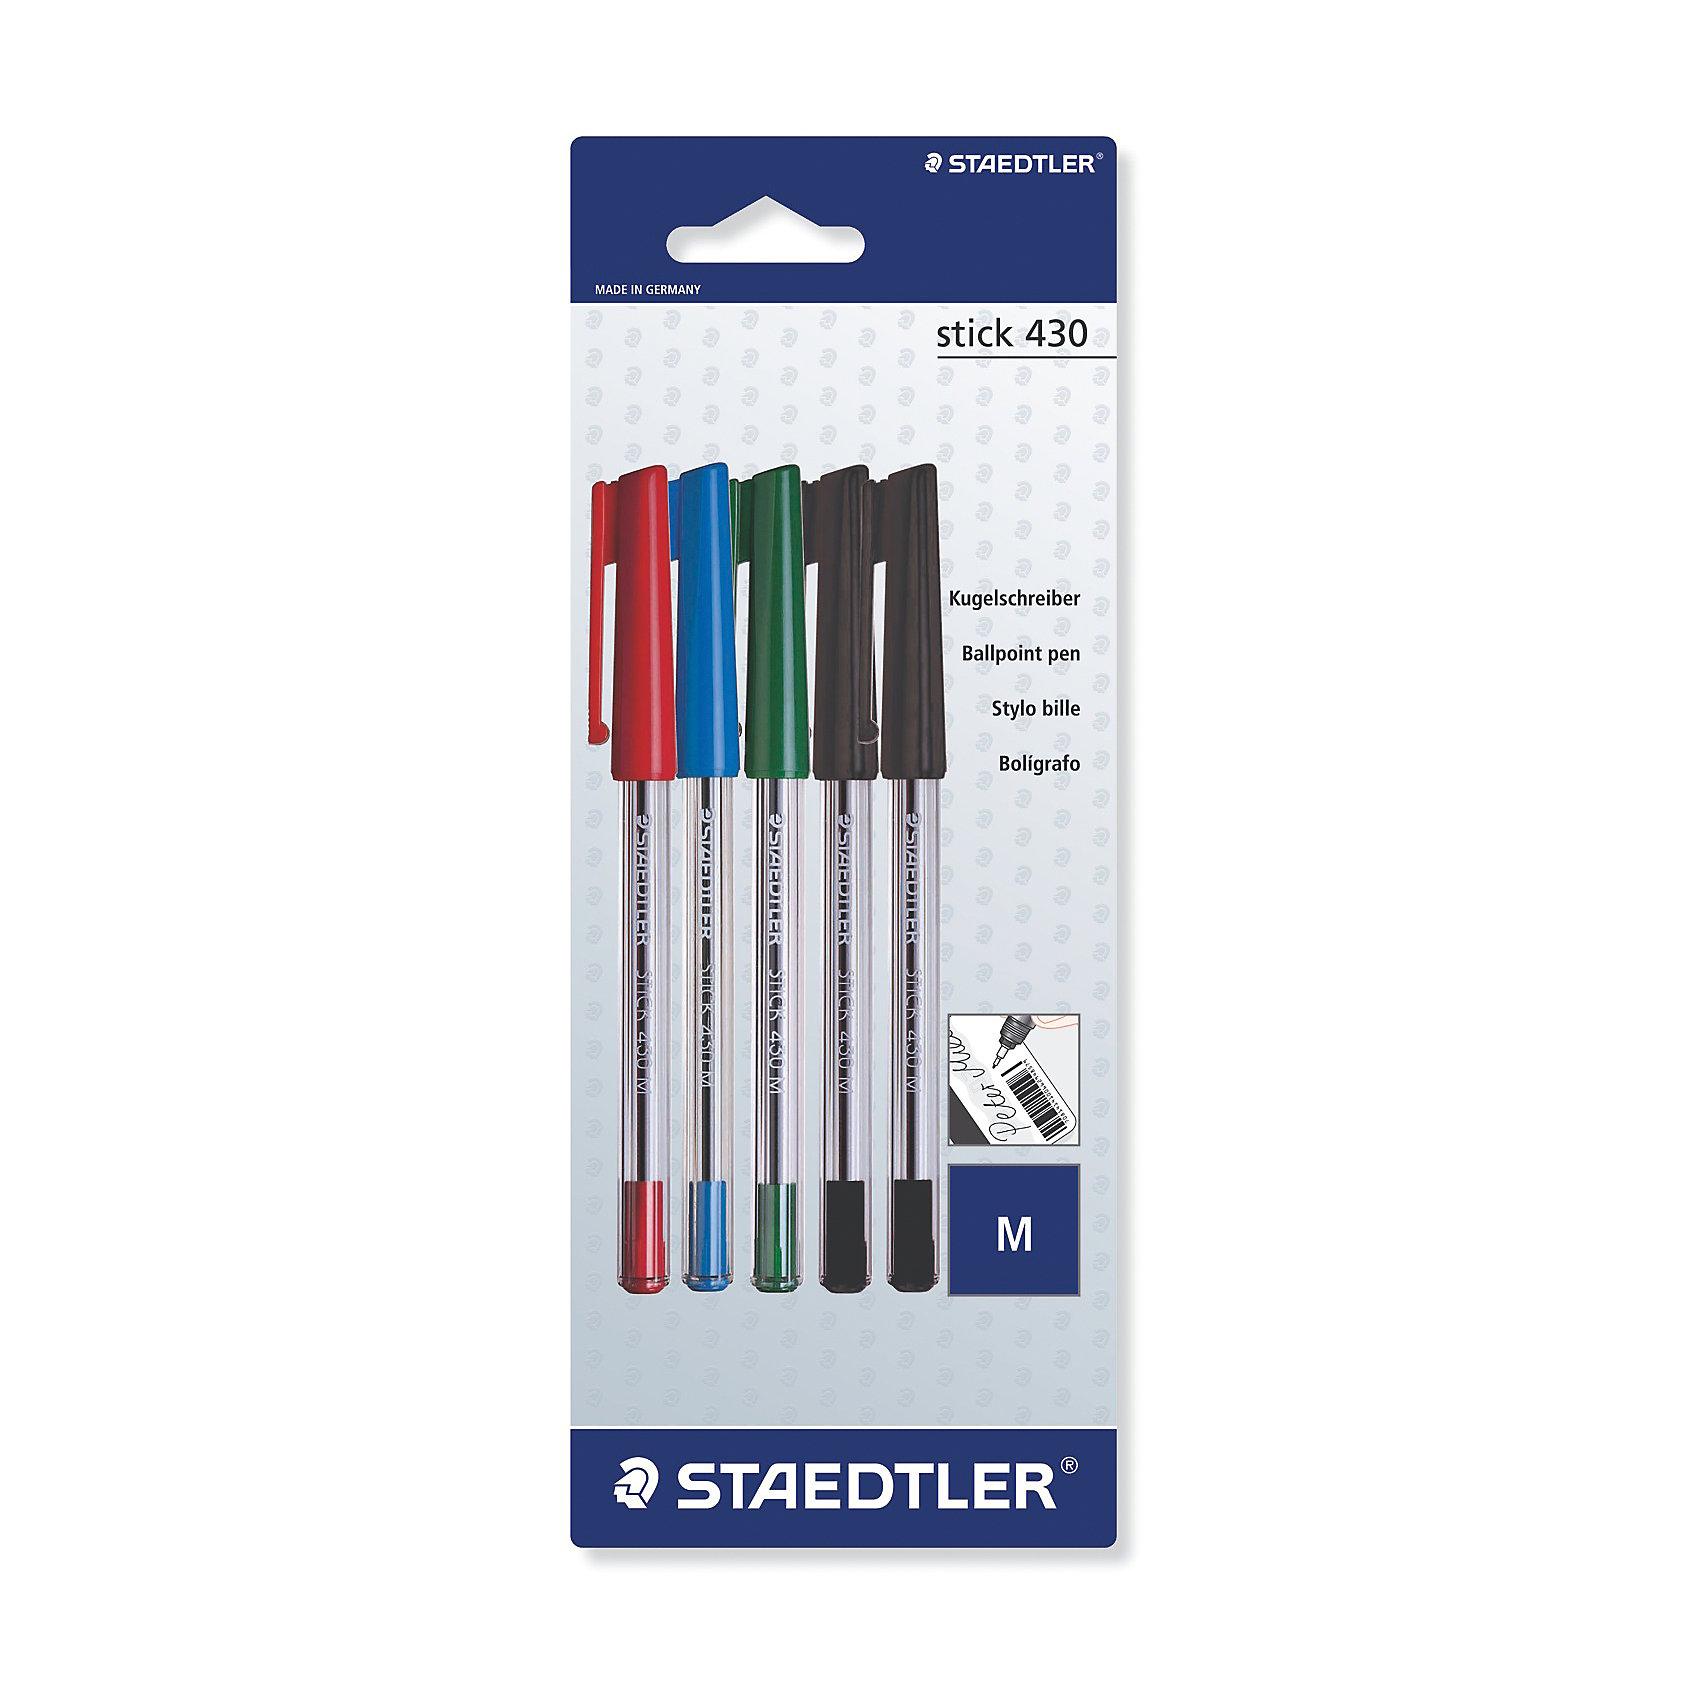 Набор шариковых ручек Staedtler Stick 430 M, 5 штПисьменные принадлежности<br>Характеристики:<br><br>• возраст: от 5 лет<br>• в наборе: 5 ручек<br>• цвет чернил: красный, синий, зеленый, черный<br>• материал корпуса: пластик<br>• толщина линии: 0,5 мм.<br>• упаковка: блистер<br>• размер упаковки: 23,4х9х1,6 см.<br><br>Набор шариковых ручек идеален для повседневной работы дома, в офисе и школе. Мягкое и плавное письмо на любой бумаге и картоне. Не смываемые чернила, устойчивые к стиранию, влажной среде и химическим реагентам. Прочная металлическая оправа наконечника пишущего узла. Функция автоматического выравнивания давления, предотвращение от утечки чернил в полете. Цвет чернил соответствует цвету колпачка и заглушки.<br><br>STAEDTLER Набор шариковых ручек stick 430 M, 0,5 мм, 4 цвета, 5 шт. можно купить в нашем интернет-магазине.<br><br>Ширина мм: 235<br>Глубина мм: 91<br>Высота мм: 15<br>Вес г: 49<br>Возраст от месяцев: 60<br>Возраст до месяцев: 2147483647<br>Пол: Унисекс<br>Возраст: Детский<br>SKU: 7065369